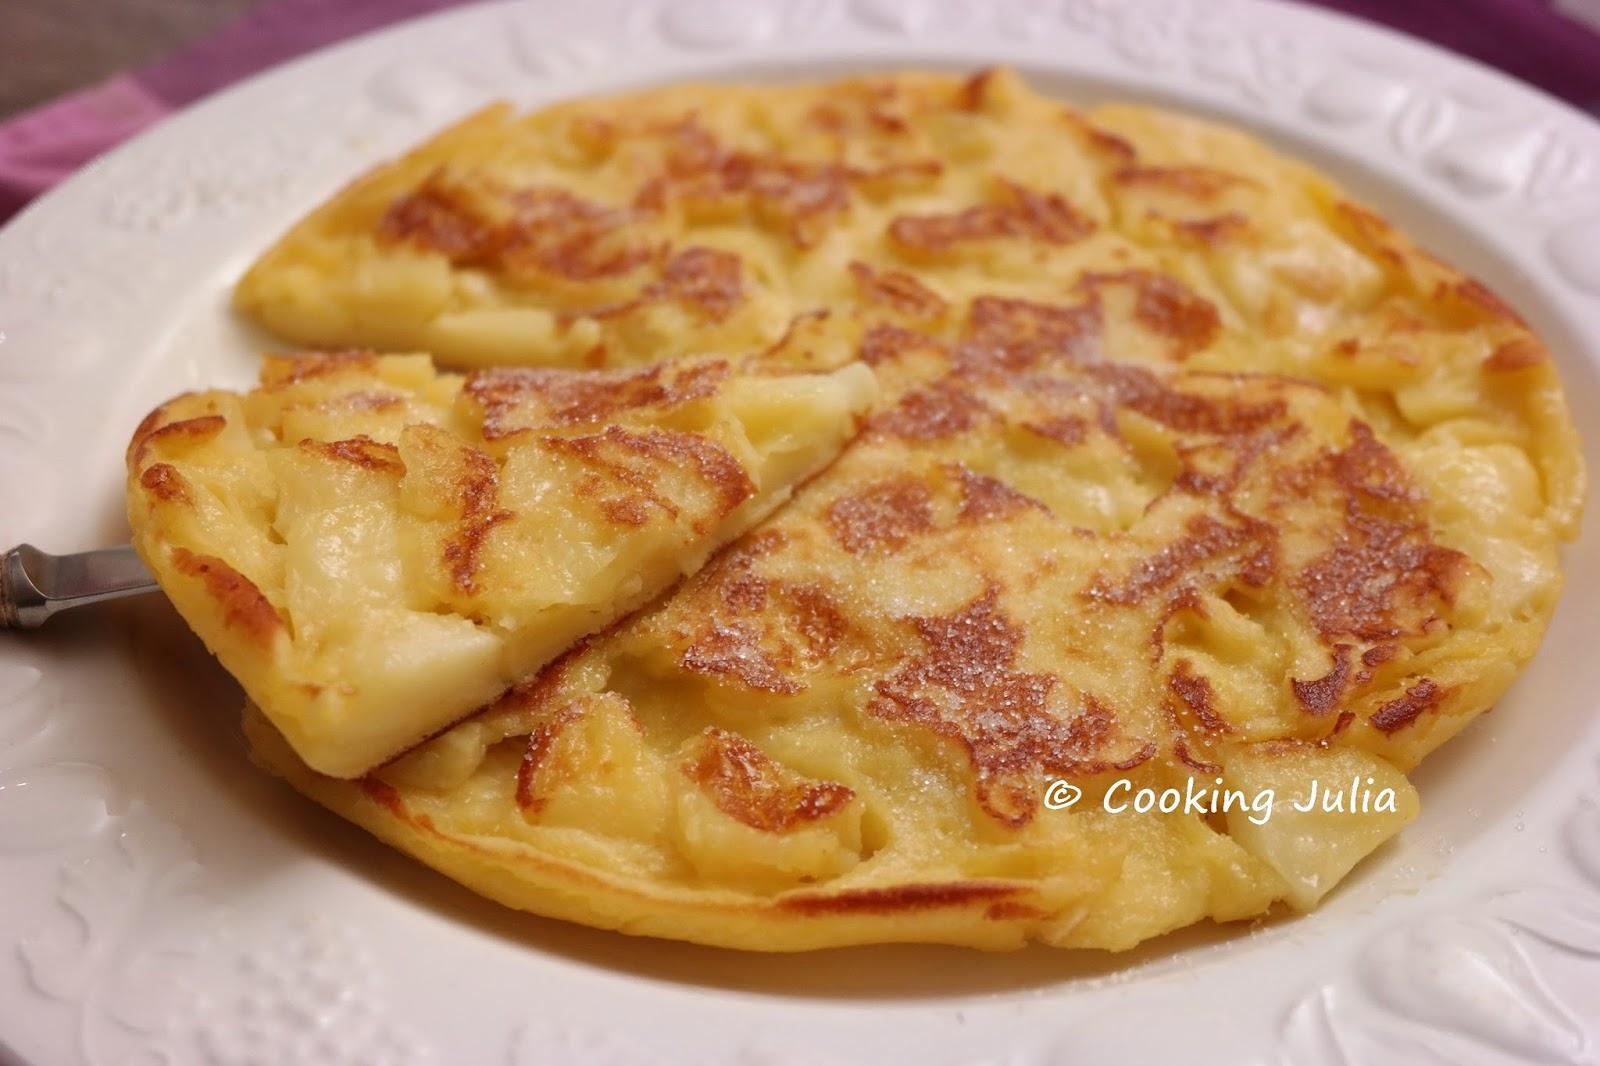 Cooking julia beignet aux pommes la po le - Recette pate a beignet sucre ...